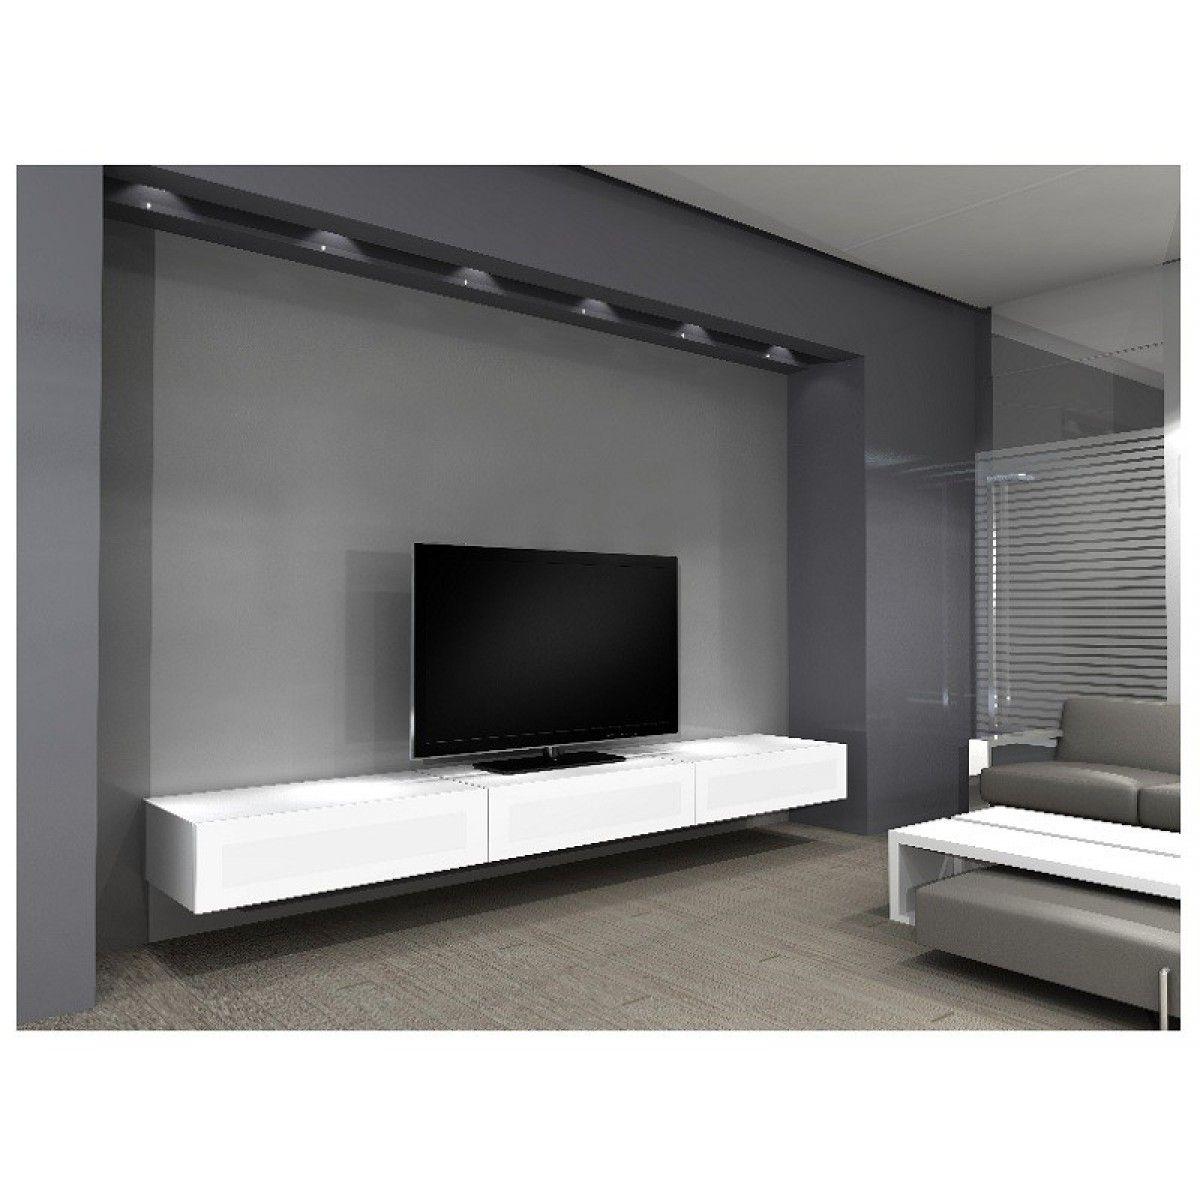 Pin De Asia Orzelek En Sciana Tv En 2019 Tv Cabinets Tv Furniture